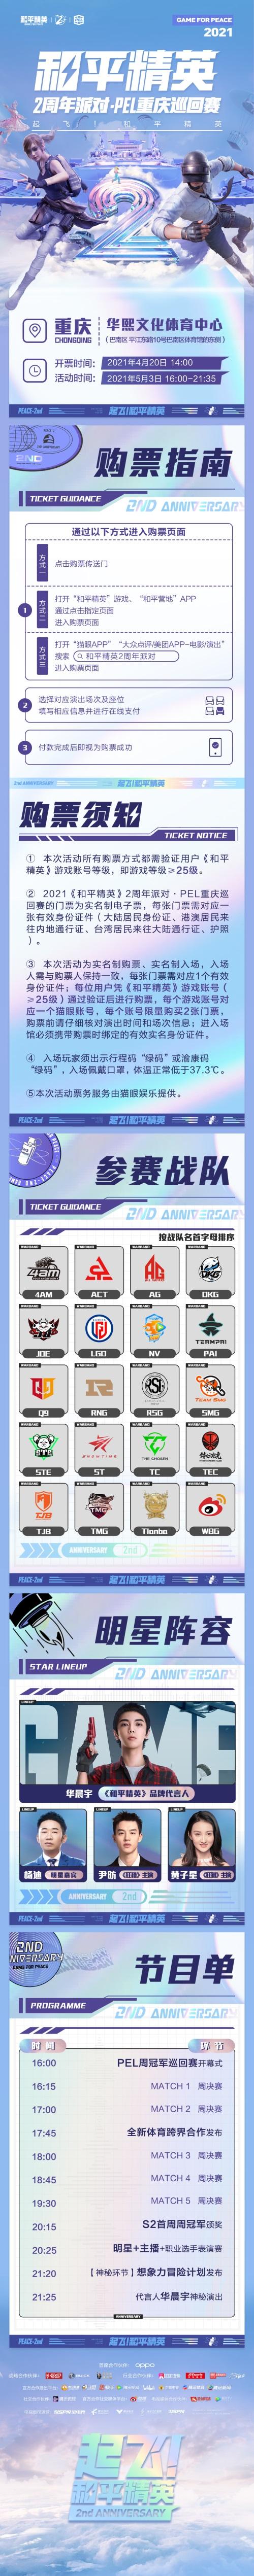 《和平精英》2周年派对 · PEL 重庆巡回赛4月20日开启售票!